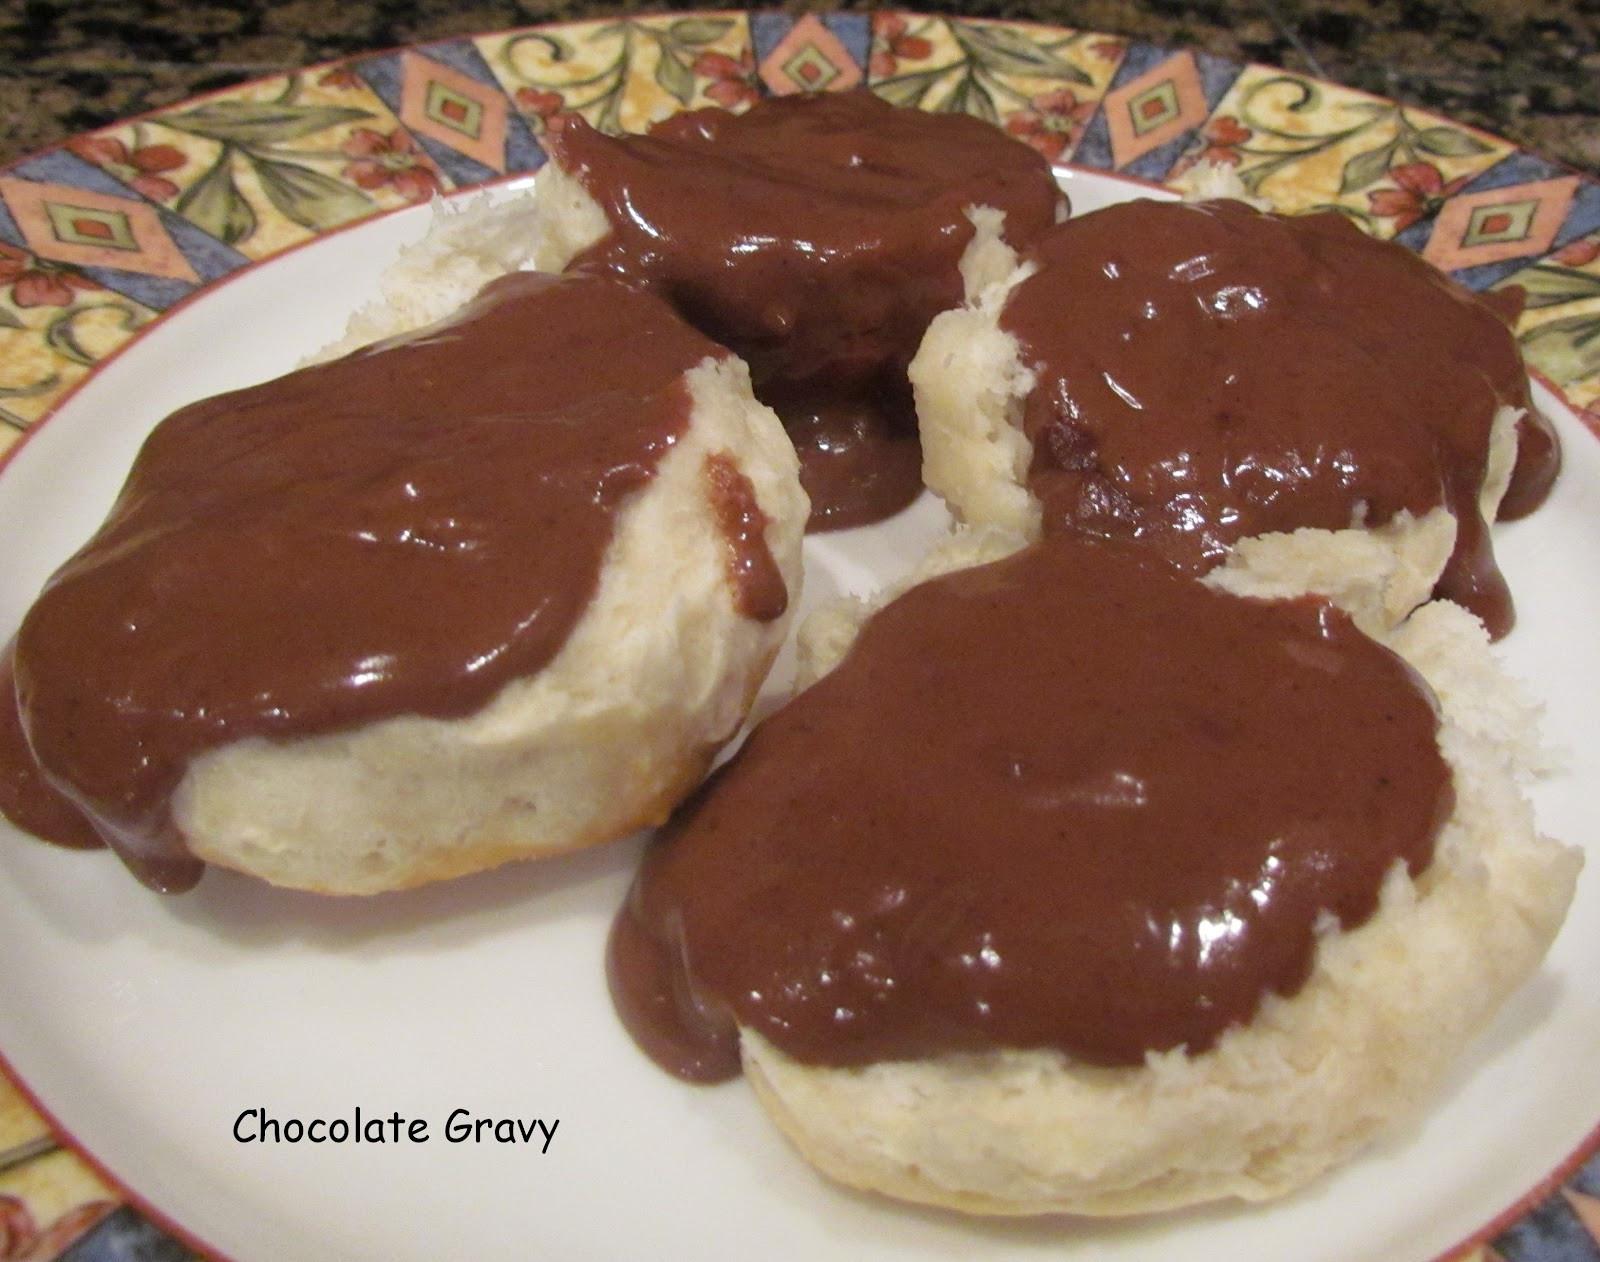 How To Make Chocolate Gravy  Chocolate Gravy Call Me PMc